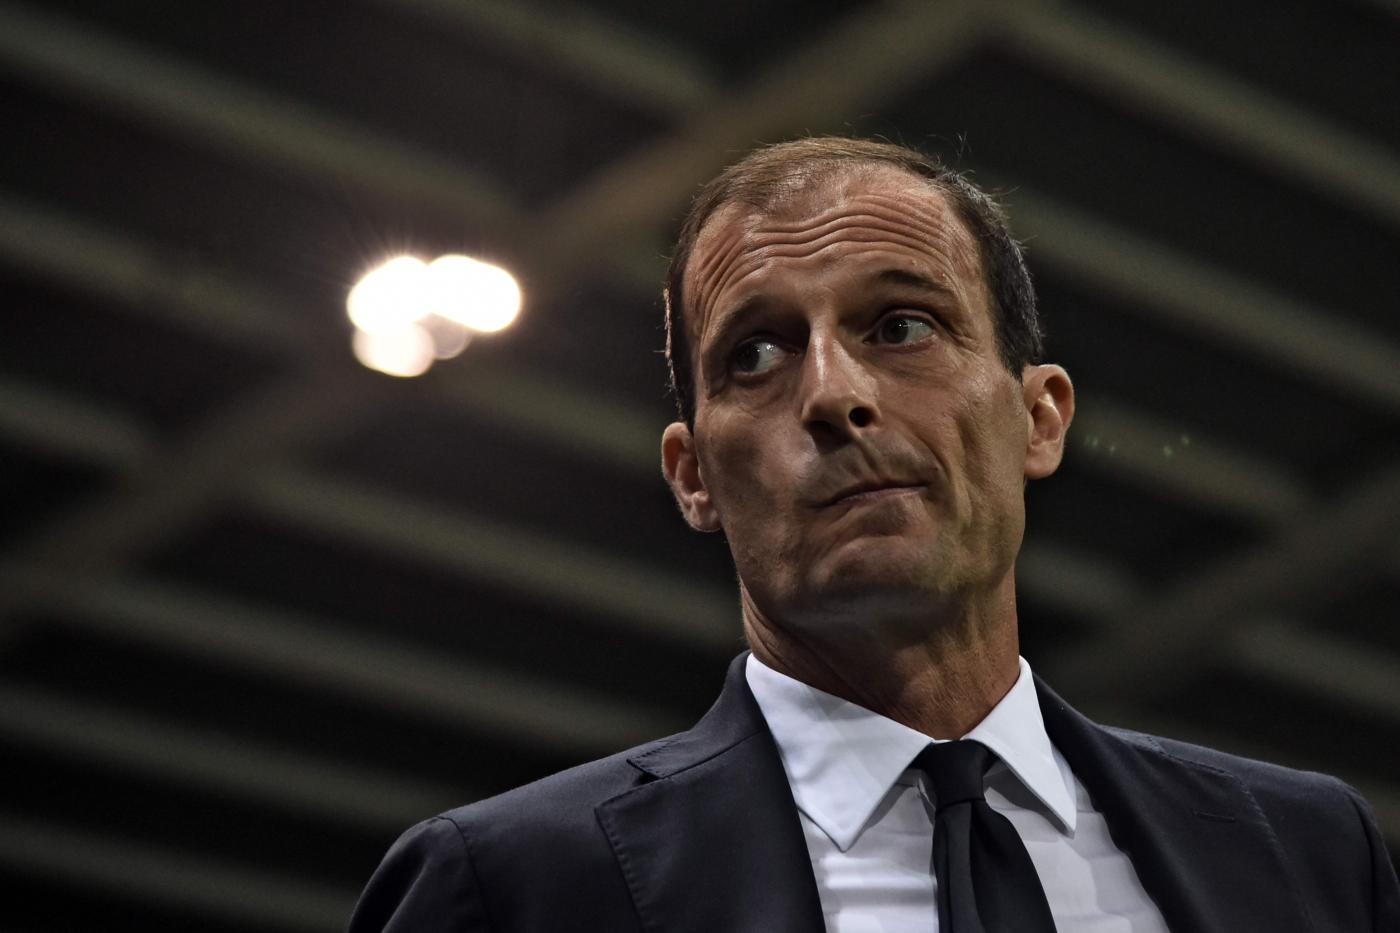 Juventus allegri in champions senza assilli for Scarica sfondi juventus gratis